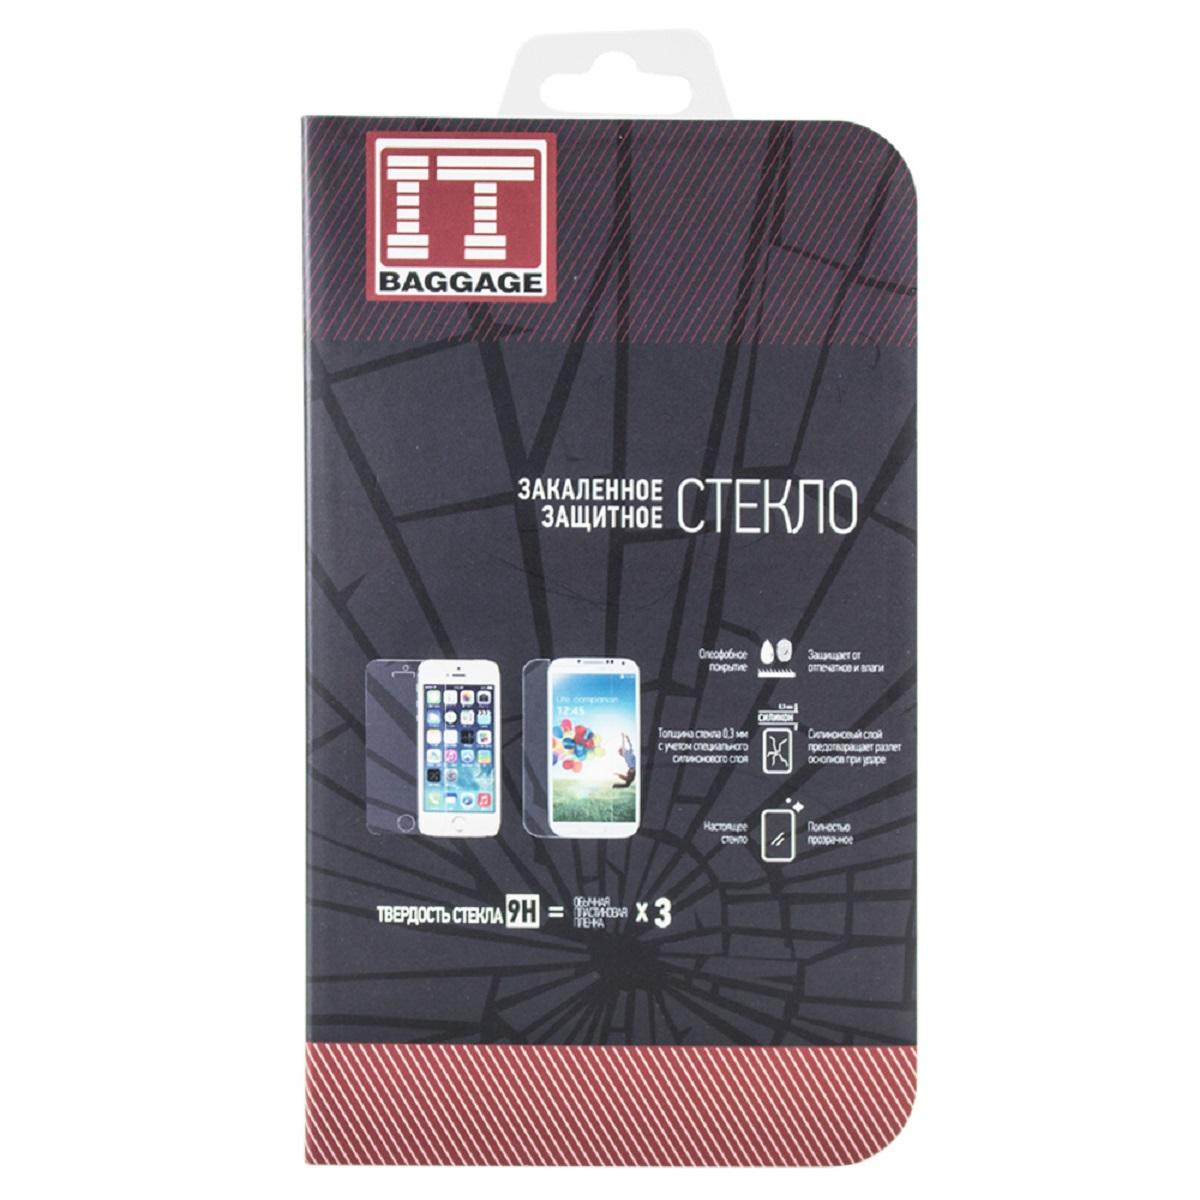 IT Baggage защитное стекло для Meizu M3s miniITMZM3SMIGЗакаленное стекло IT Baggage для Meizu M3s mini - это самый верный способ защитить экран от повреждений и загрязнений. Обладает высочайшим уровнем прозрачности и совершенно не влияет на отклик экранного сенсора и качество изображения. Препятствует появлению отпечатков и пятен. Удалить следы жира и косметики с поверхности аксессуара не составить ни какого труда. Характеристики защитного стекла делают его износостойким к таким механическим повреждениям, как царапины, сколы, потертости. При сильном ударе разбившееся стекло не разлетается на осколки, предохраняя вас от порезов, а экран устройства от повреждений. После снятия защитного стекла с поверхности дисплея, на нем не остаются повреждения, такие как потертости и царапины.